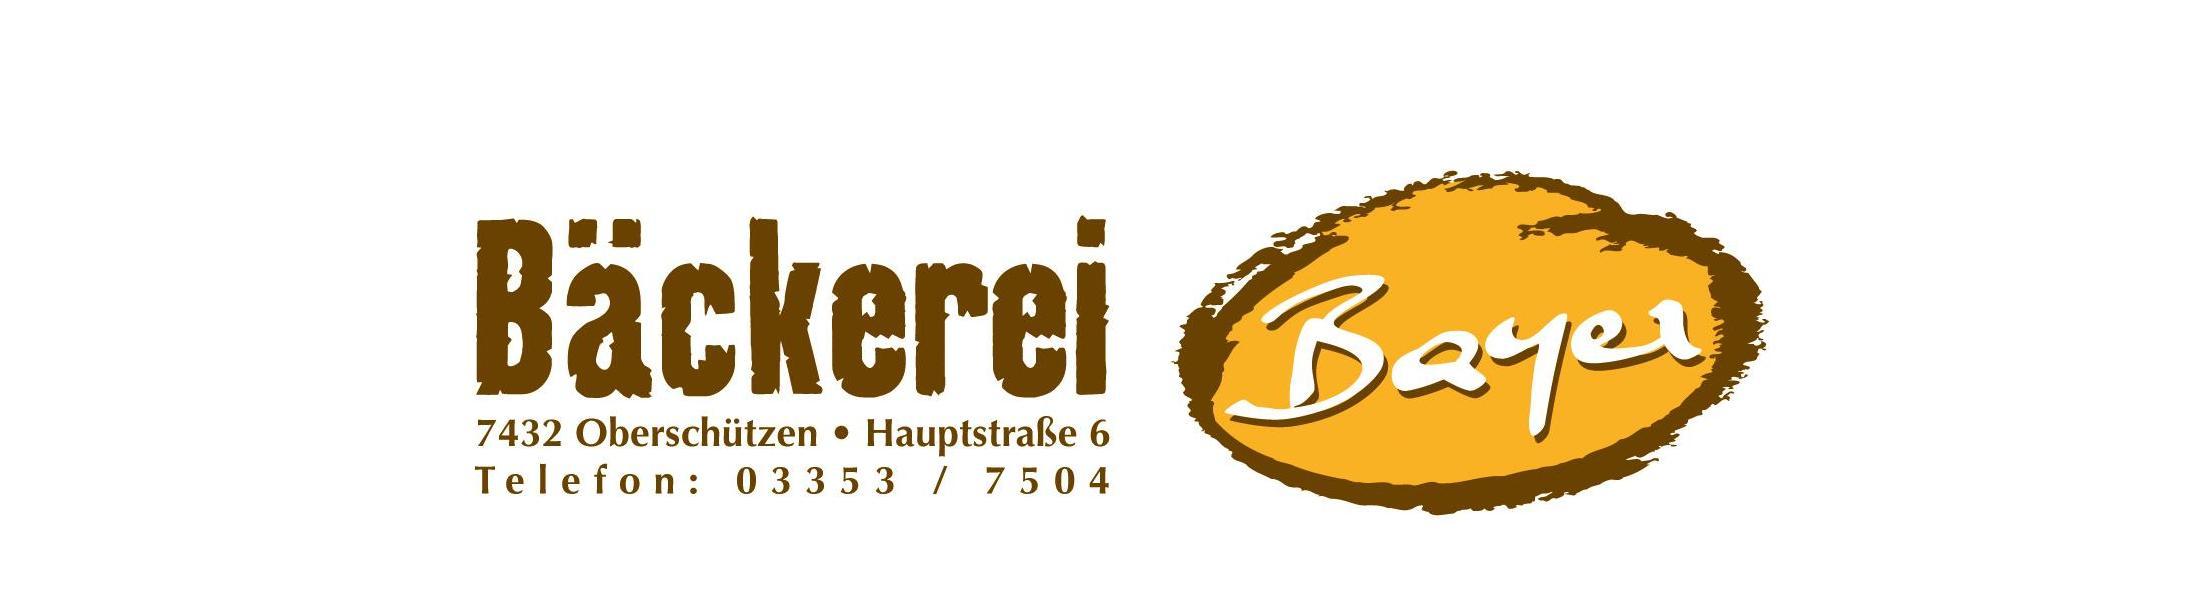 bt-karnerat--article-2299-0.jpeg